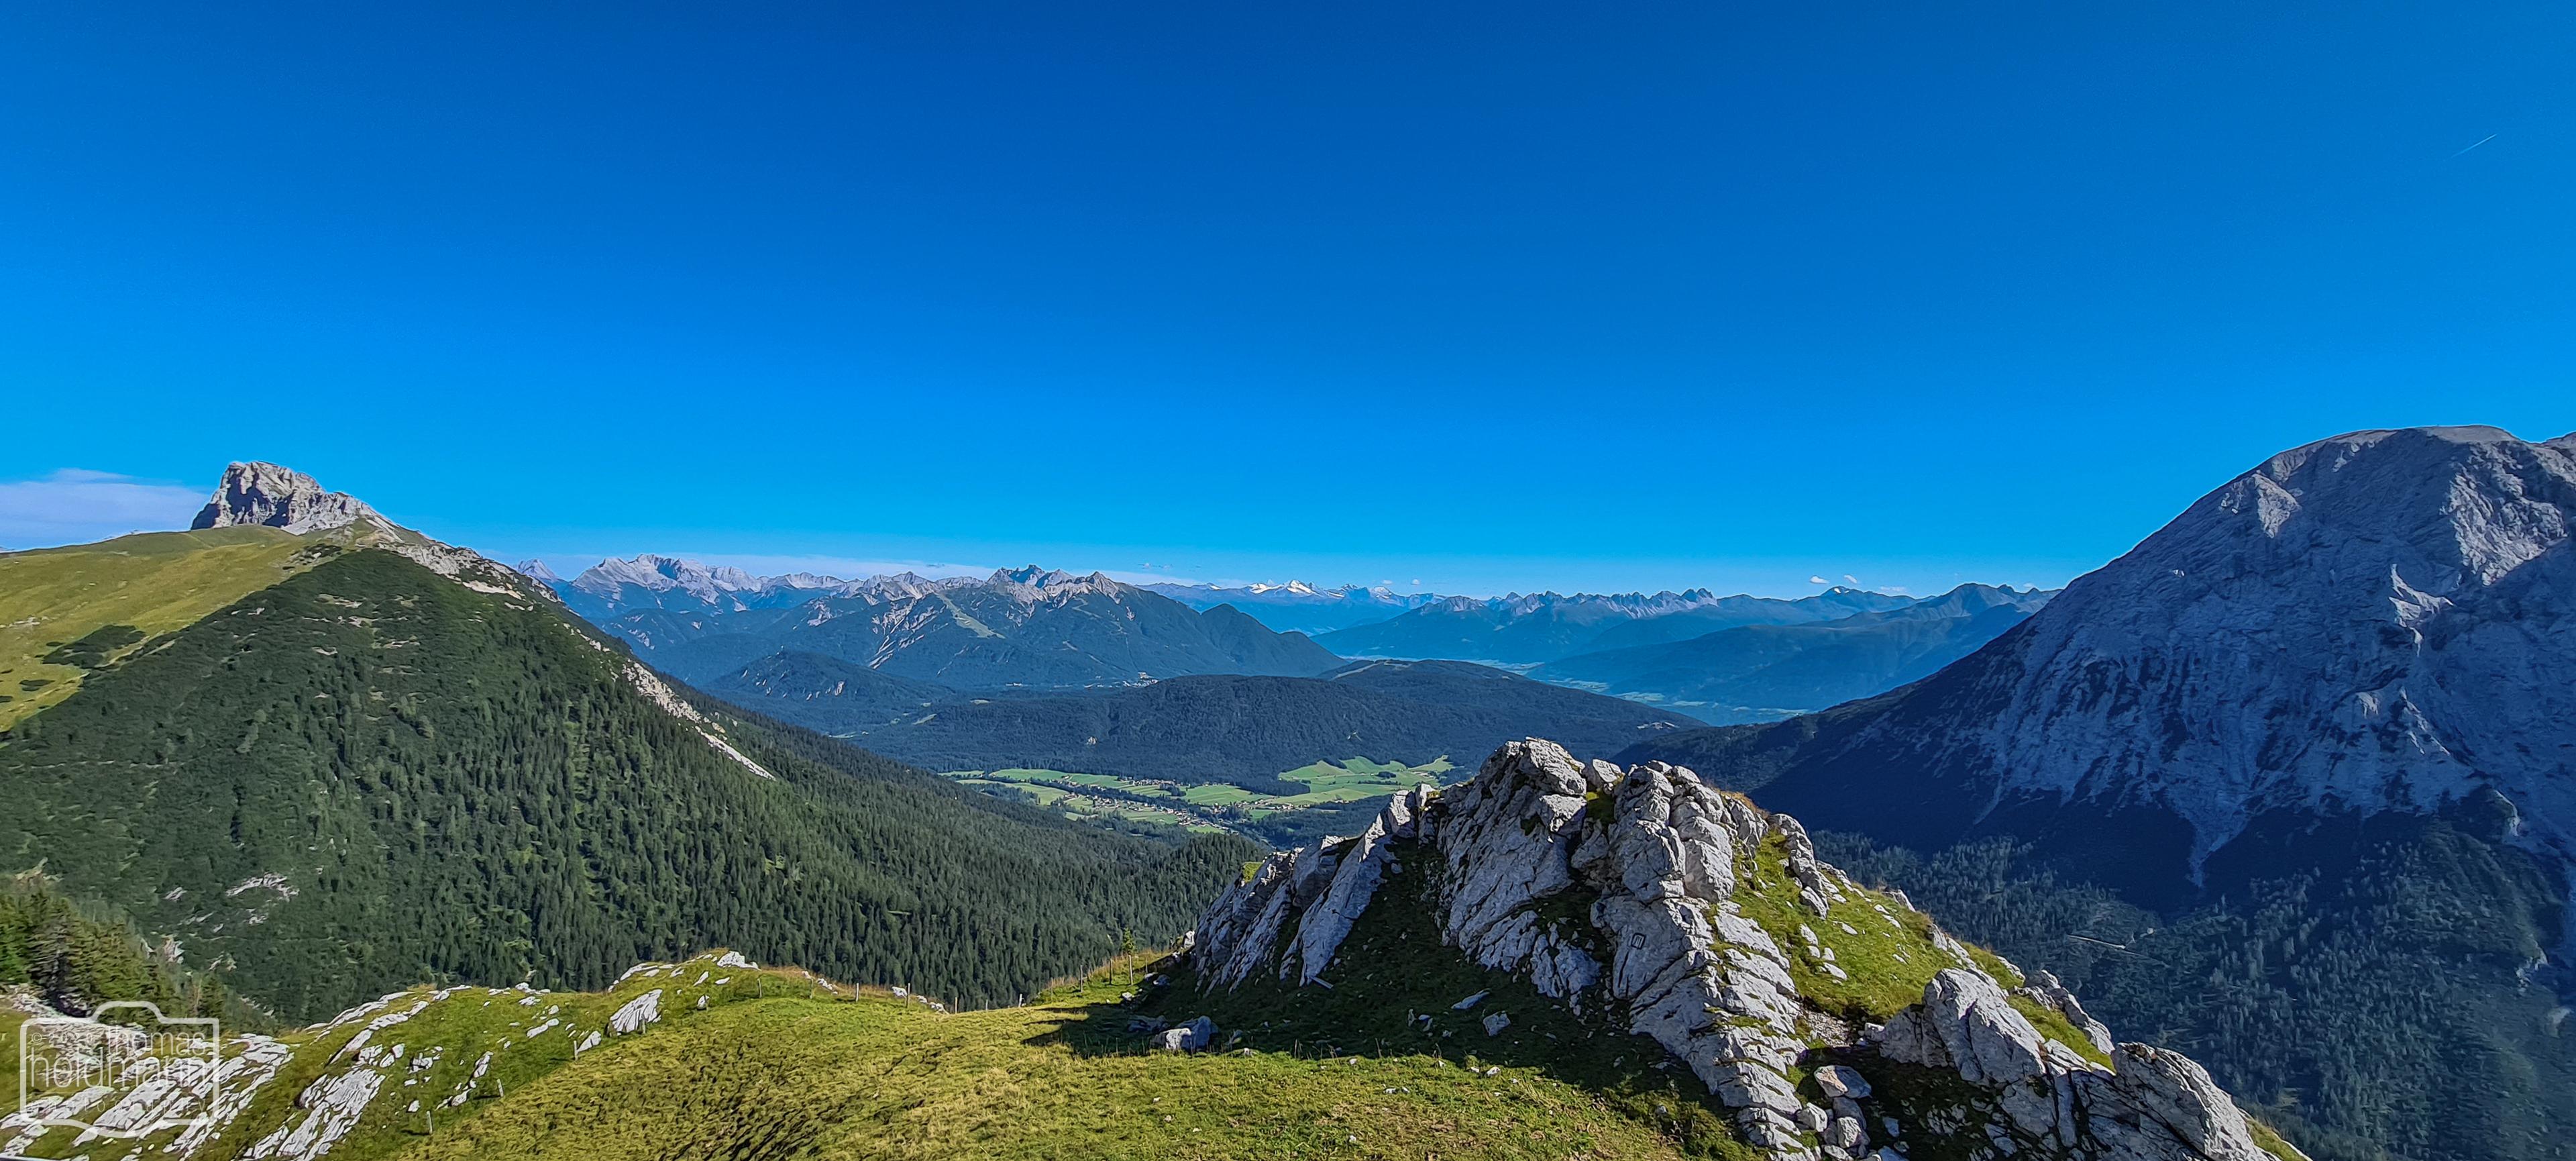 Blick in die Bergwelt von der Rotmoosalm aus